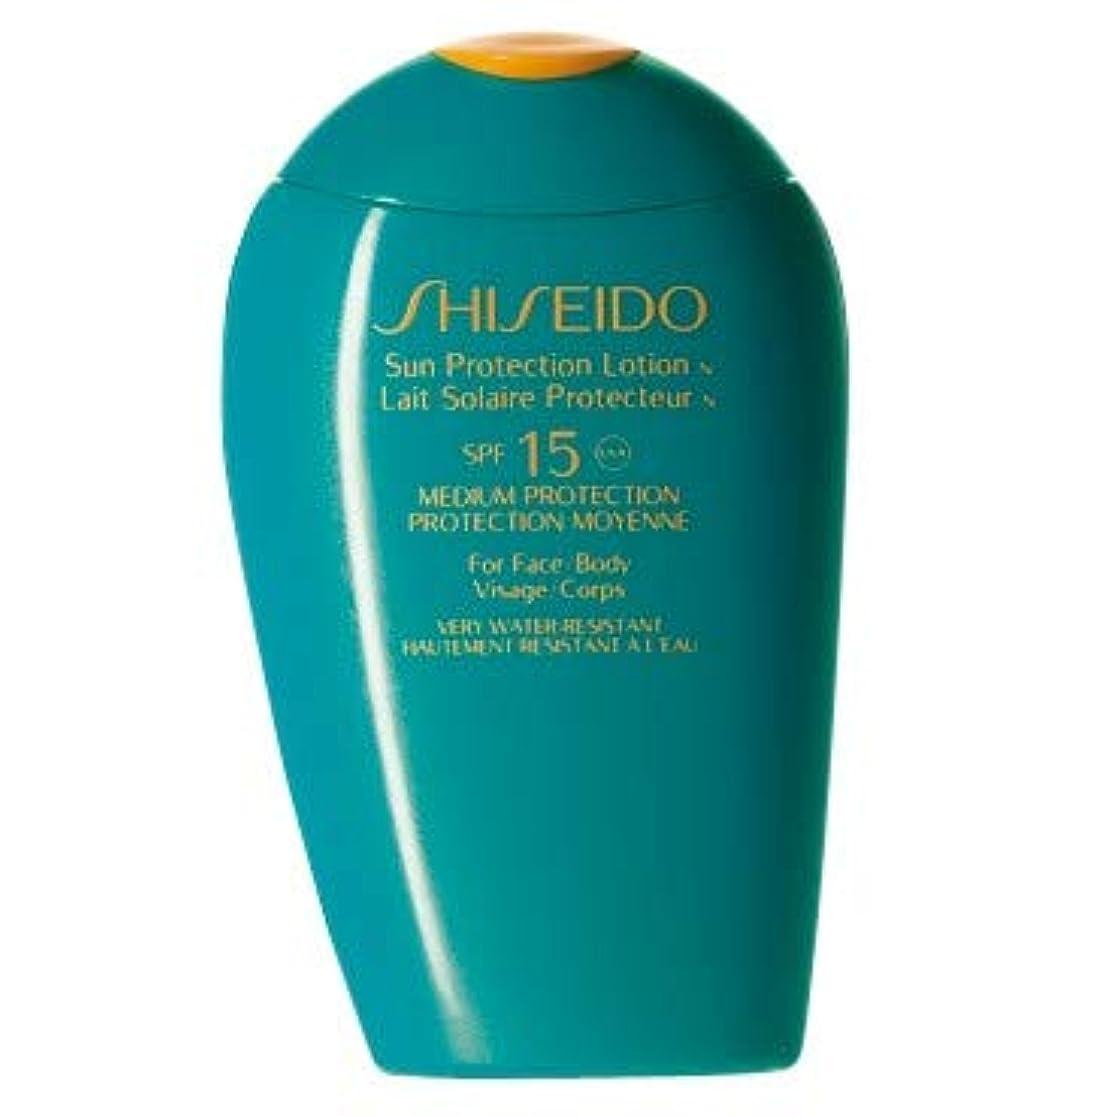 勇敢なポールポケット[Shiseido] 資生堂日焼け止めローションSpf15 N個の150ミリリットル - Shiseido Sun Protection Lotion N Spf15 150ml [並行輸入品]